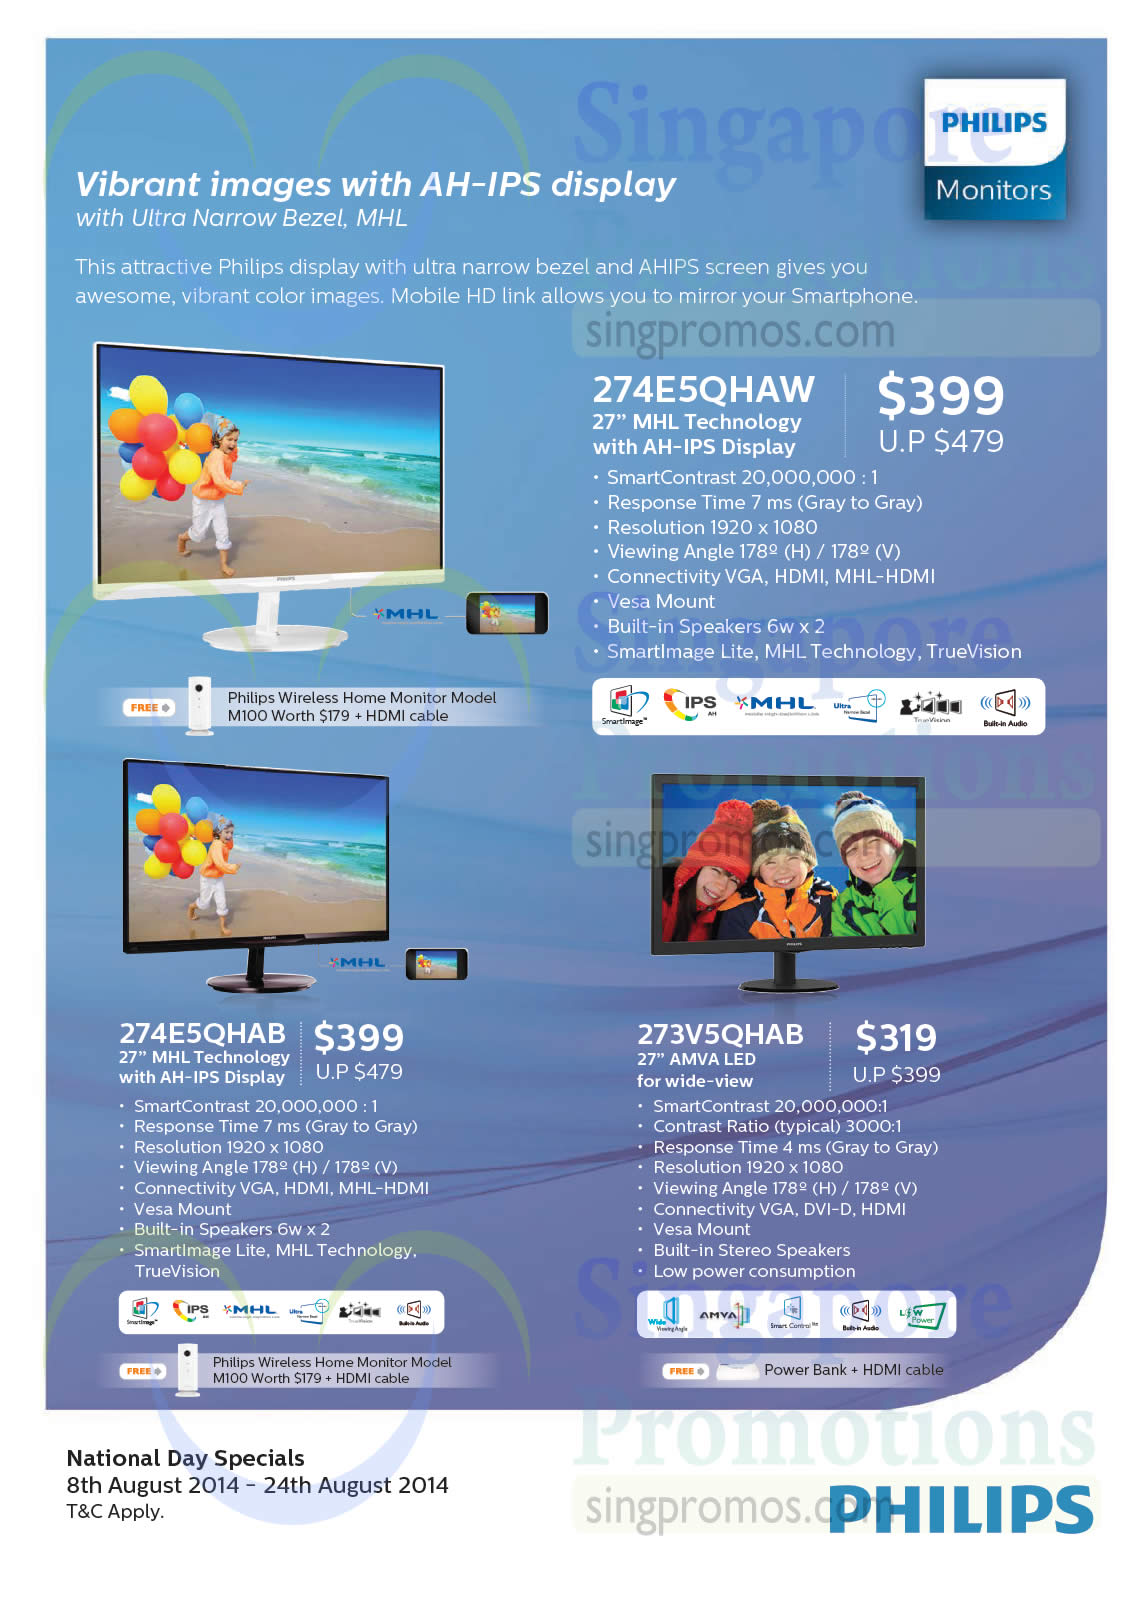 Philips 274E5QHAW Monitor, Philips 274E5QHAB Monitor, Philips 273V5QHAB Monitor